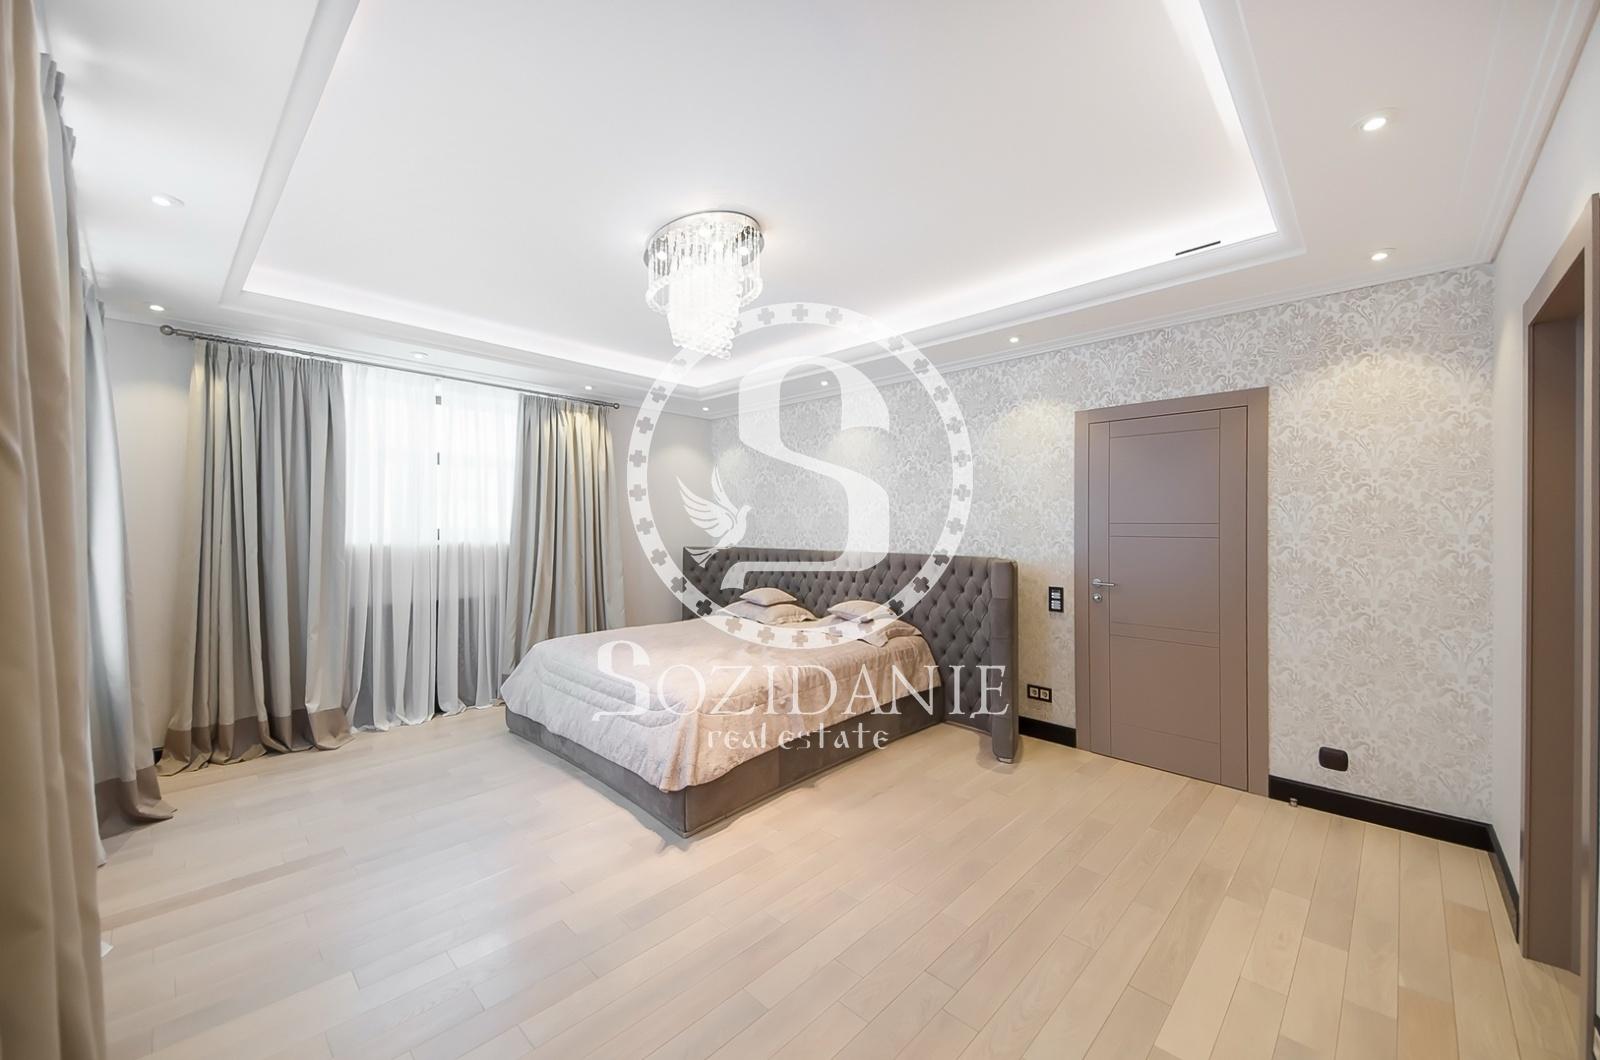 4 Bedrooms, Загородная, Продажа, Listing ID 1480, Московская область, Россия,